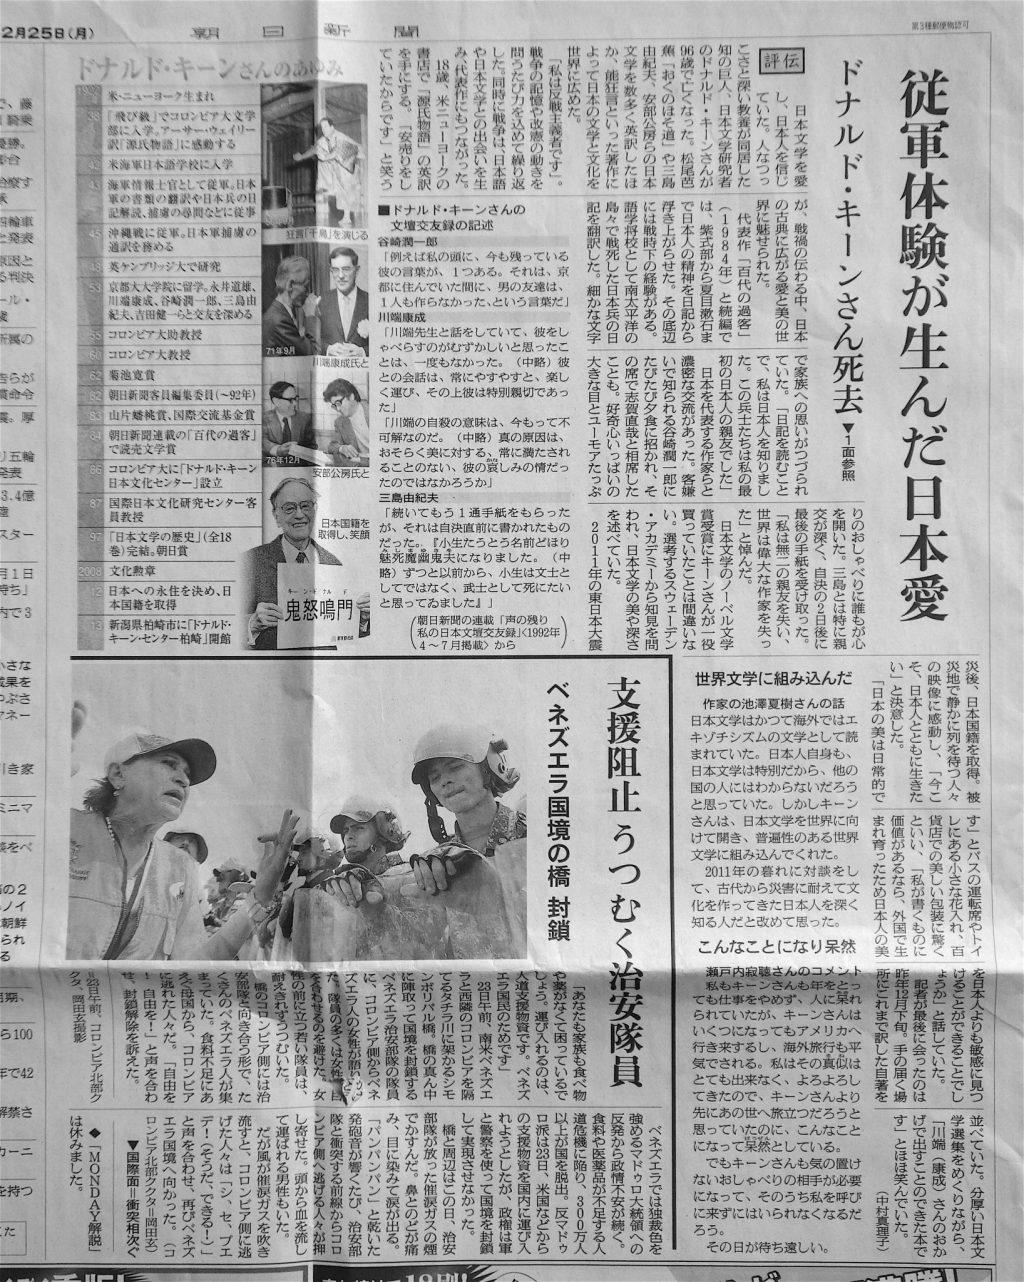 朝日新聞 平成31年2月25日 ドナルド・キーン Donald Keene 朝日新聞 平成31年2月25日